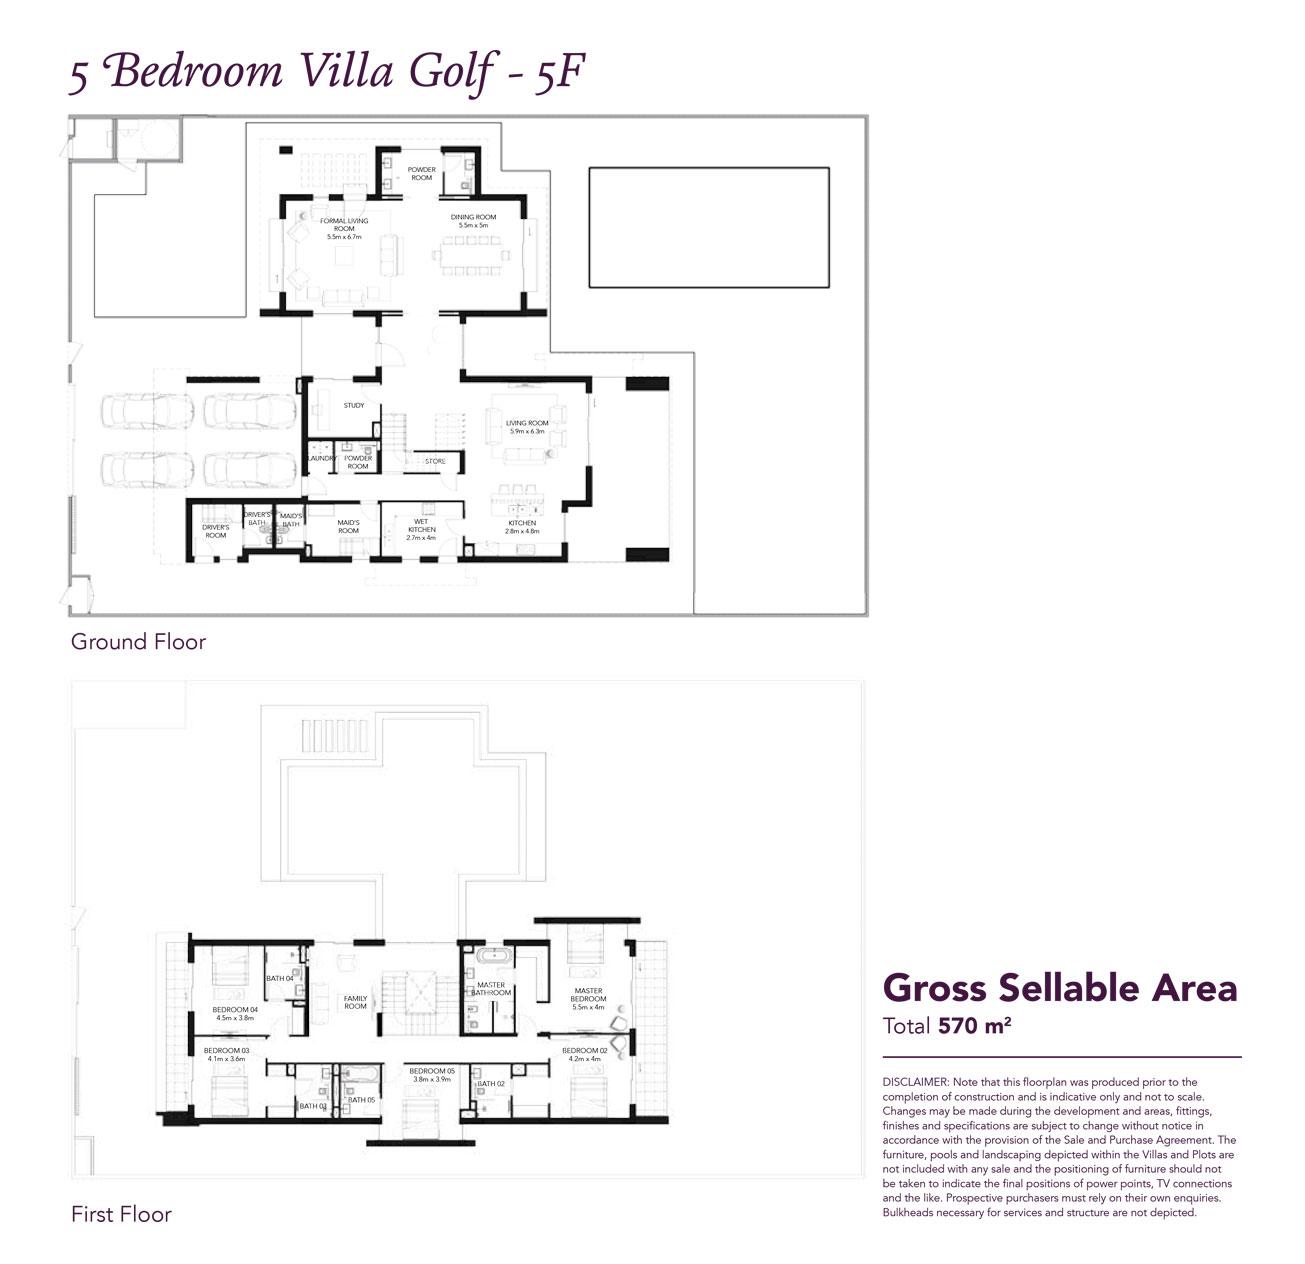 تاون هاوس من 5 غرف نوم - مساحة مبنية 6133 قدم مربع